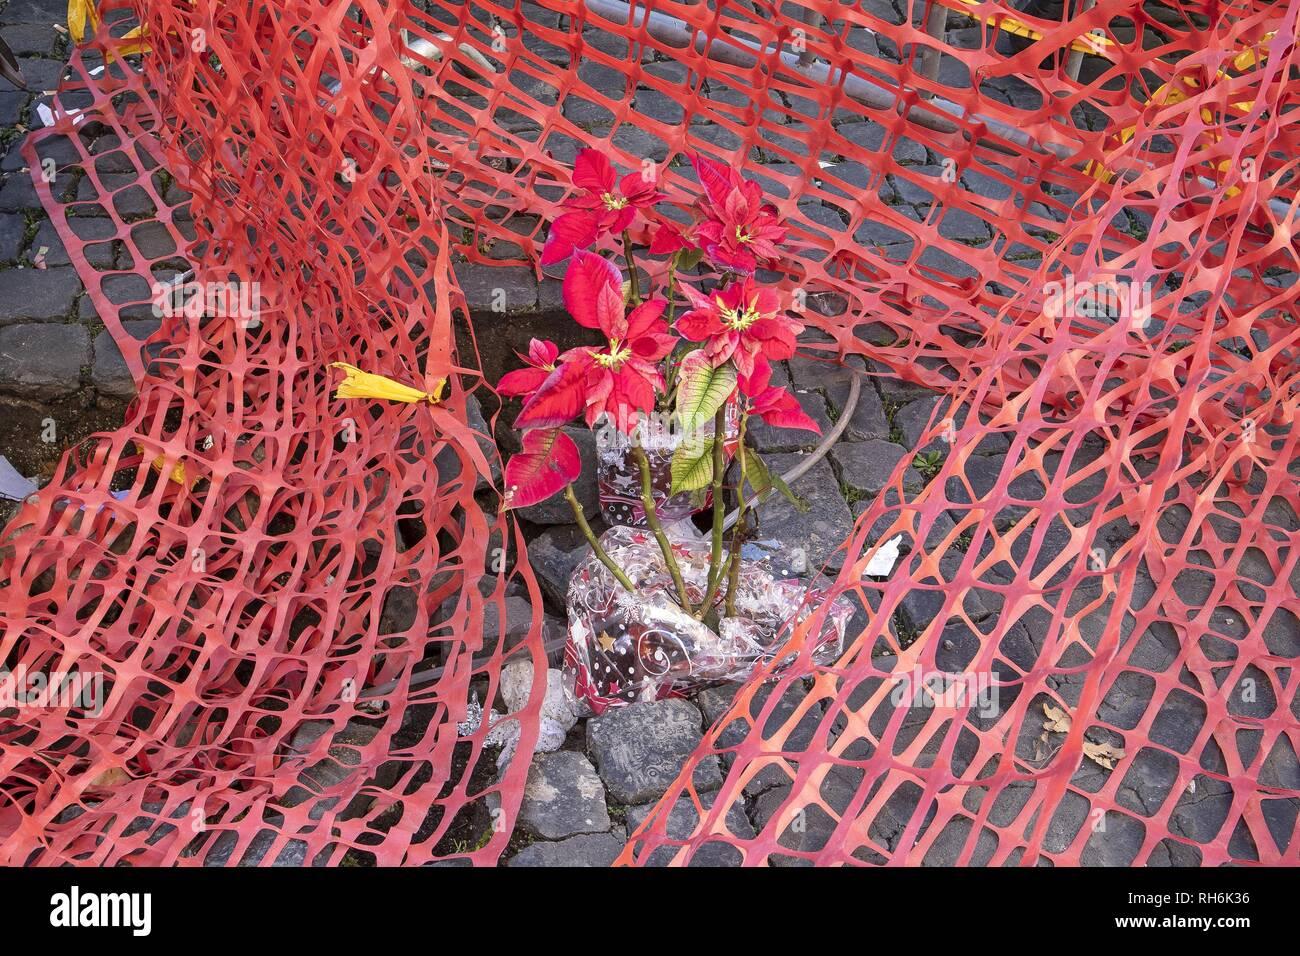 Foto Carlo Lannutti/LaPresse 01-02 - 2019 Roma, Italia Cronaca. Piantine di stelle di natale dentro la buca in Largo Corrado Ricci Nella foto: La buca con le stelle di Natale Immagini Stock